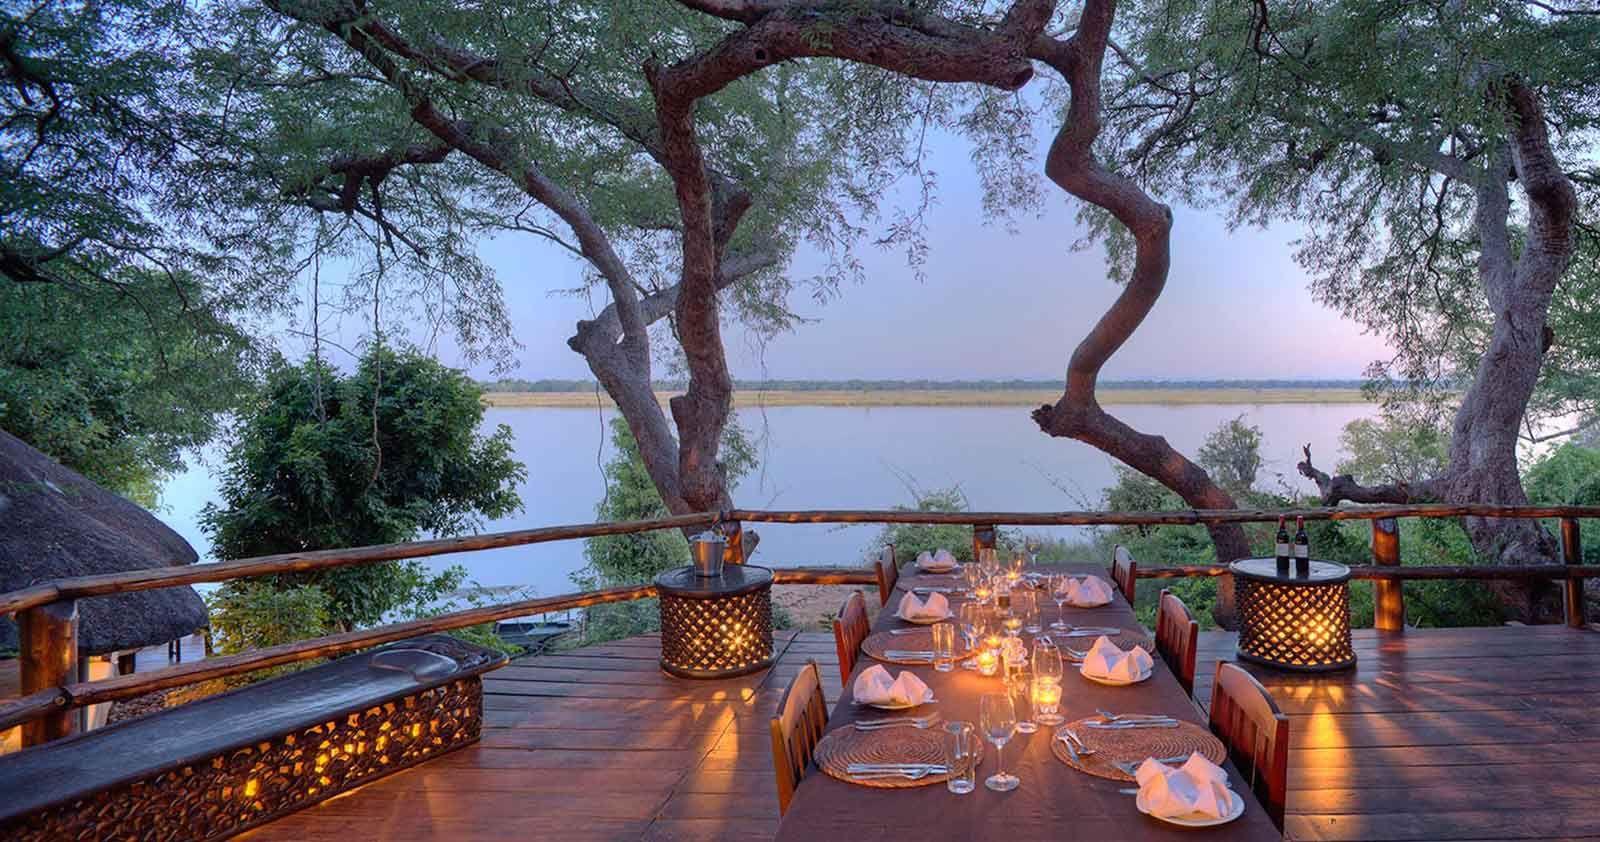 Zambezi Two Rivers Safari